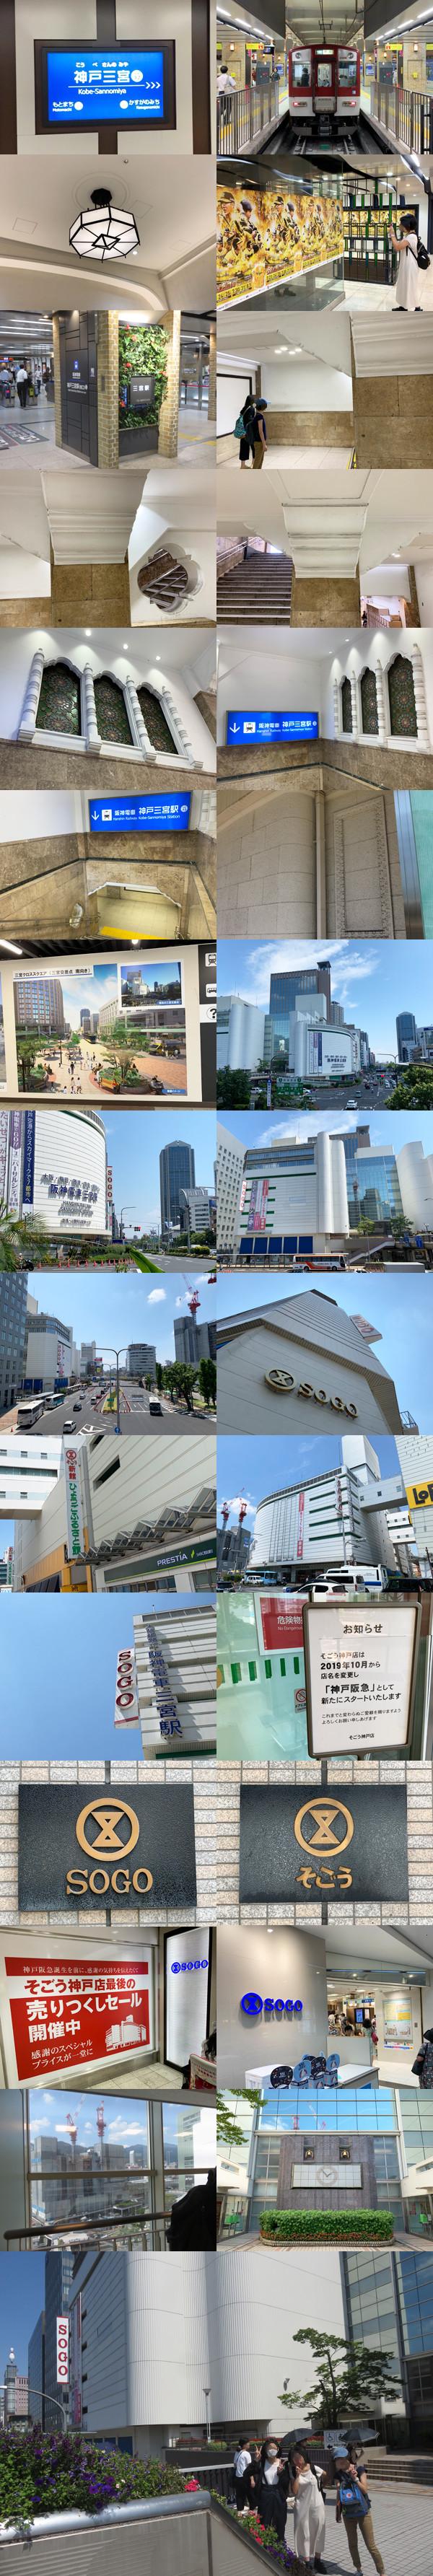 f:id:toshobu:20190730210522j:image